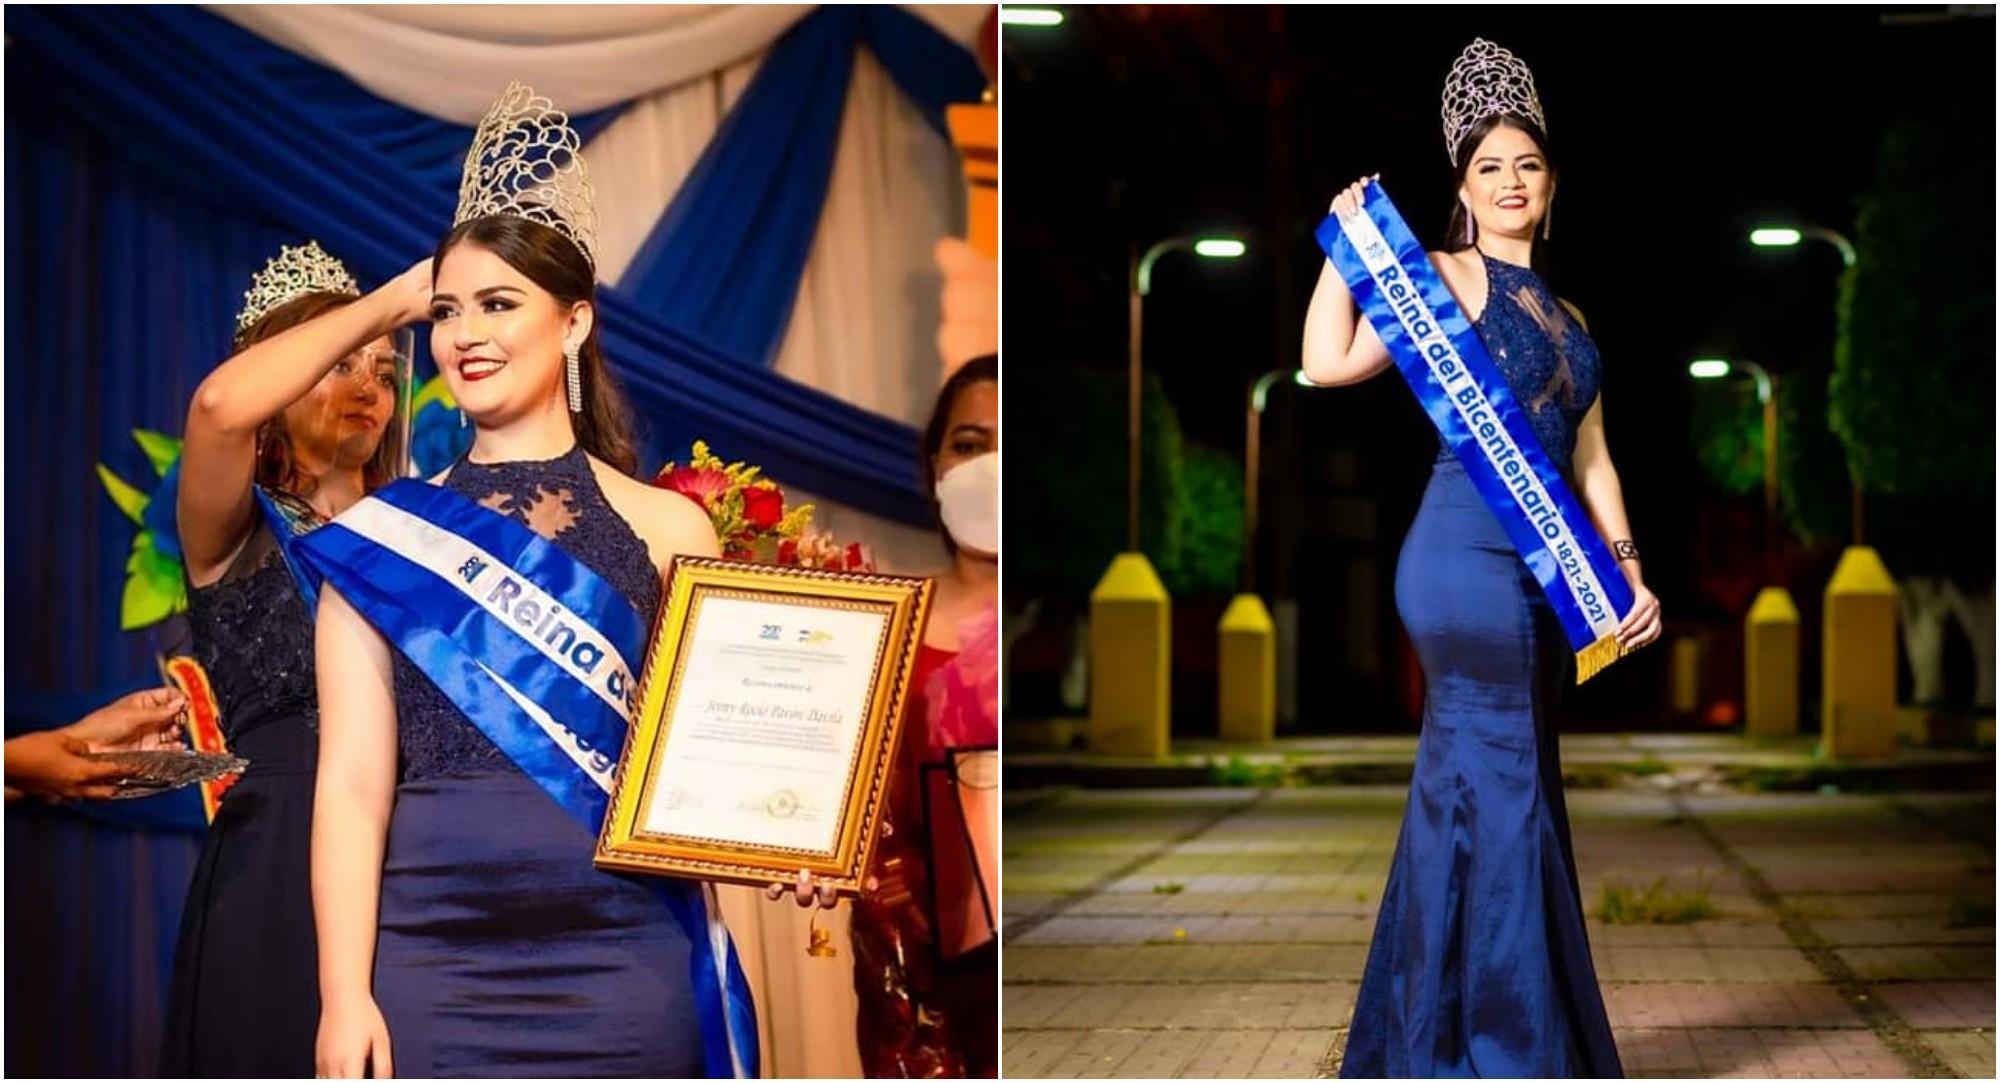 Jeimy Pavón es la Reina del Bicentenario de Honduras